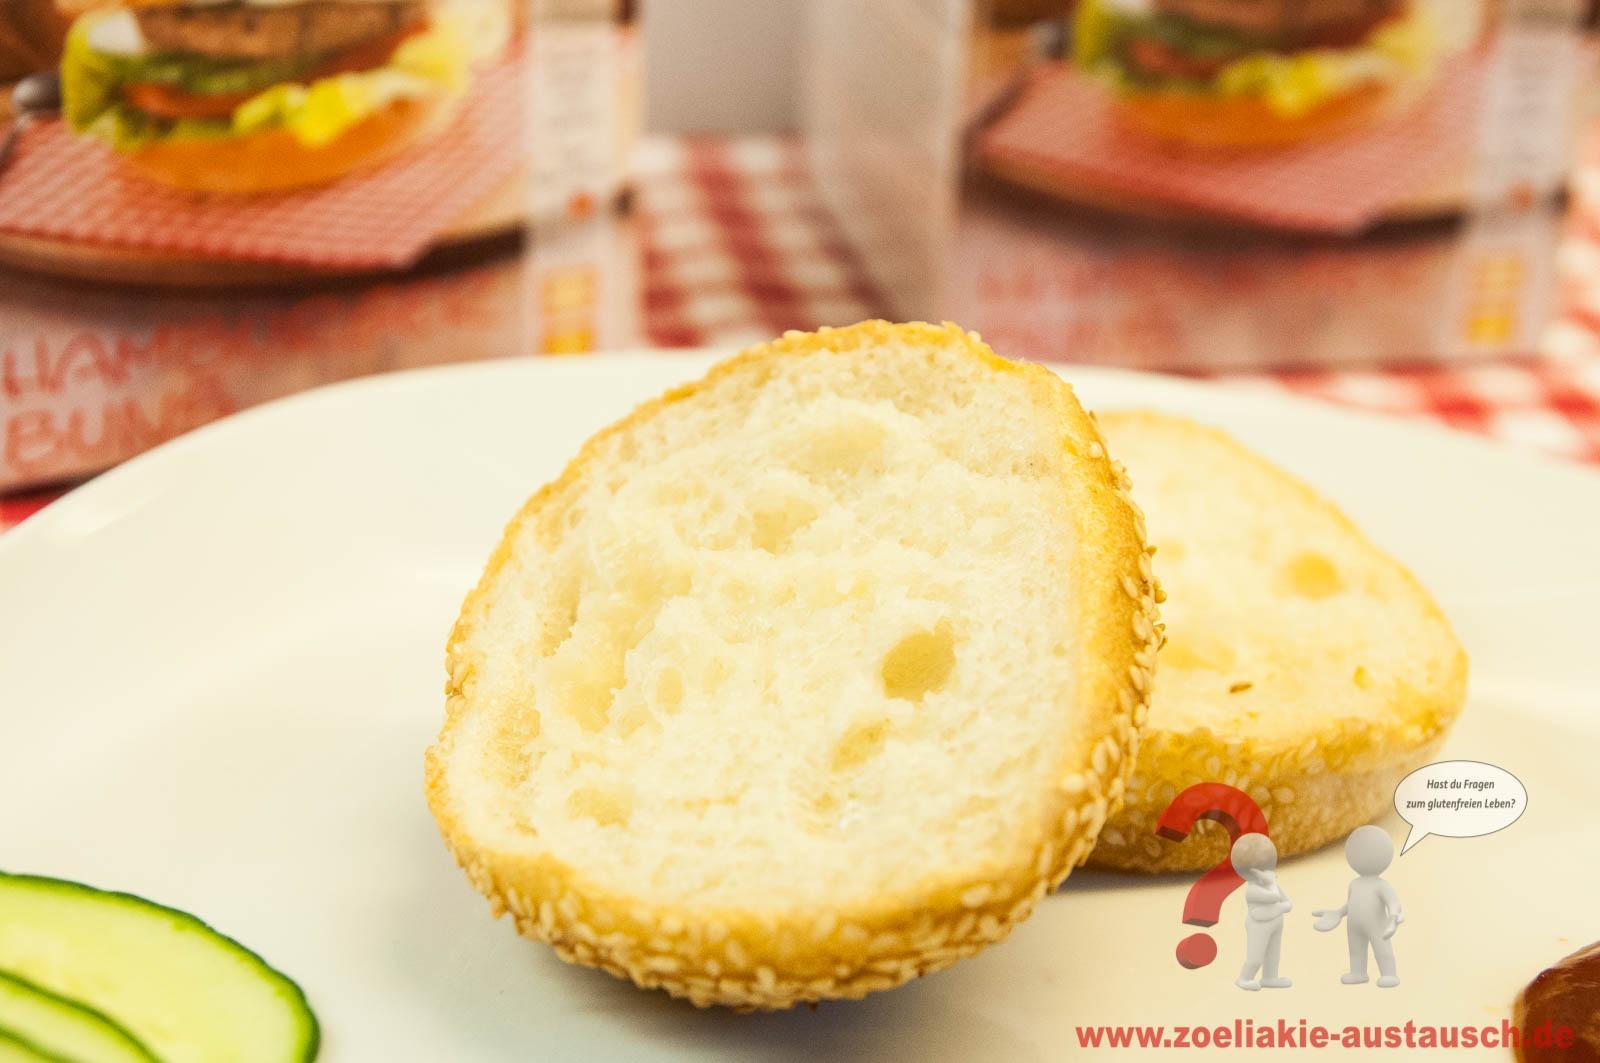 Zoeliakie-Austausch_Schnitzer_Burger_Broetchen_16